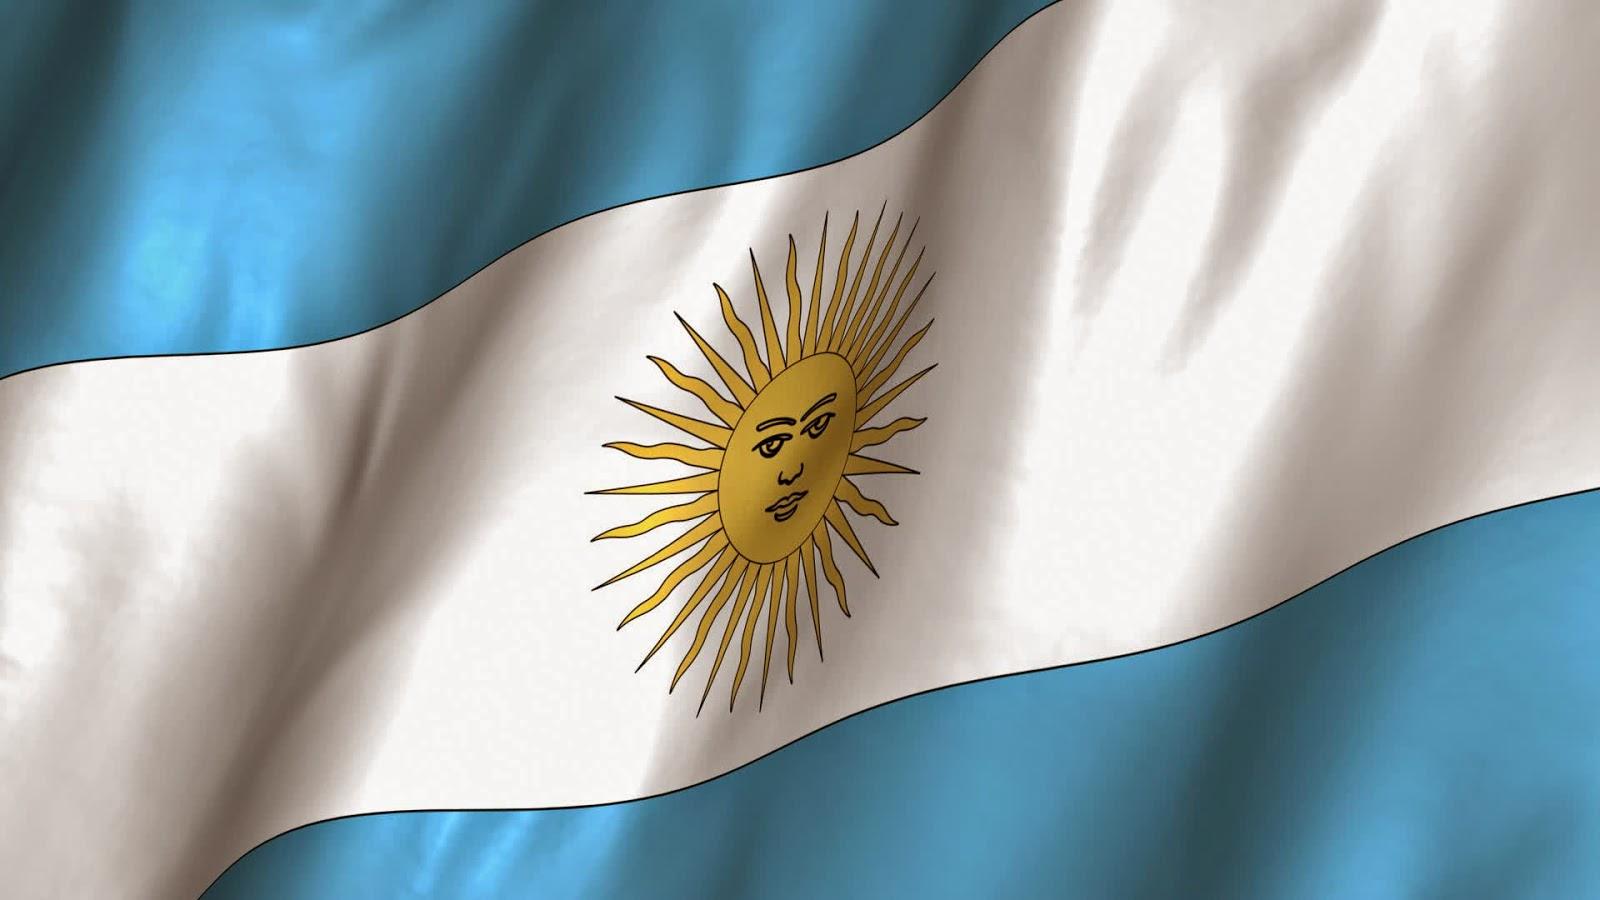 этом пионер-лагере аргентина картинки флаг и герб таком расположении